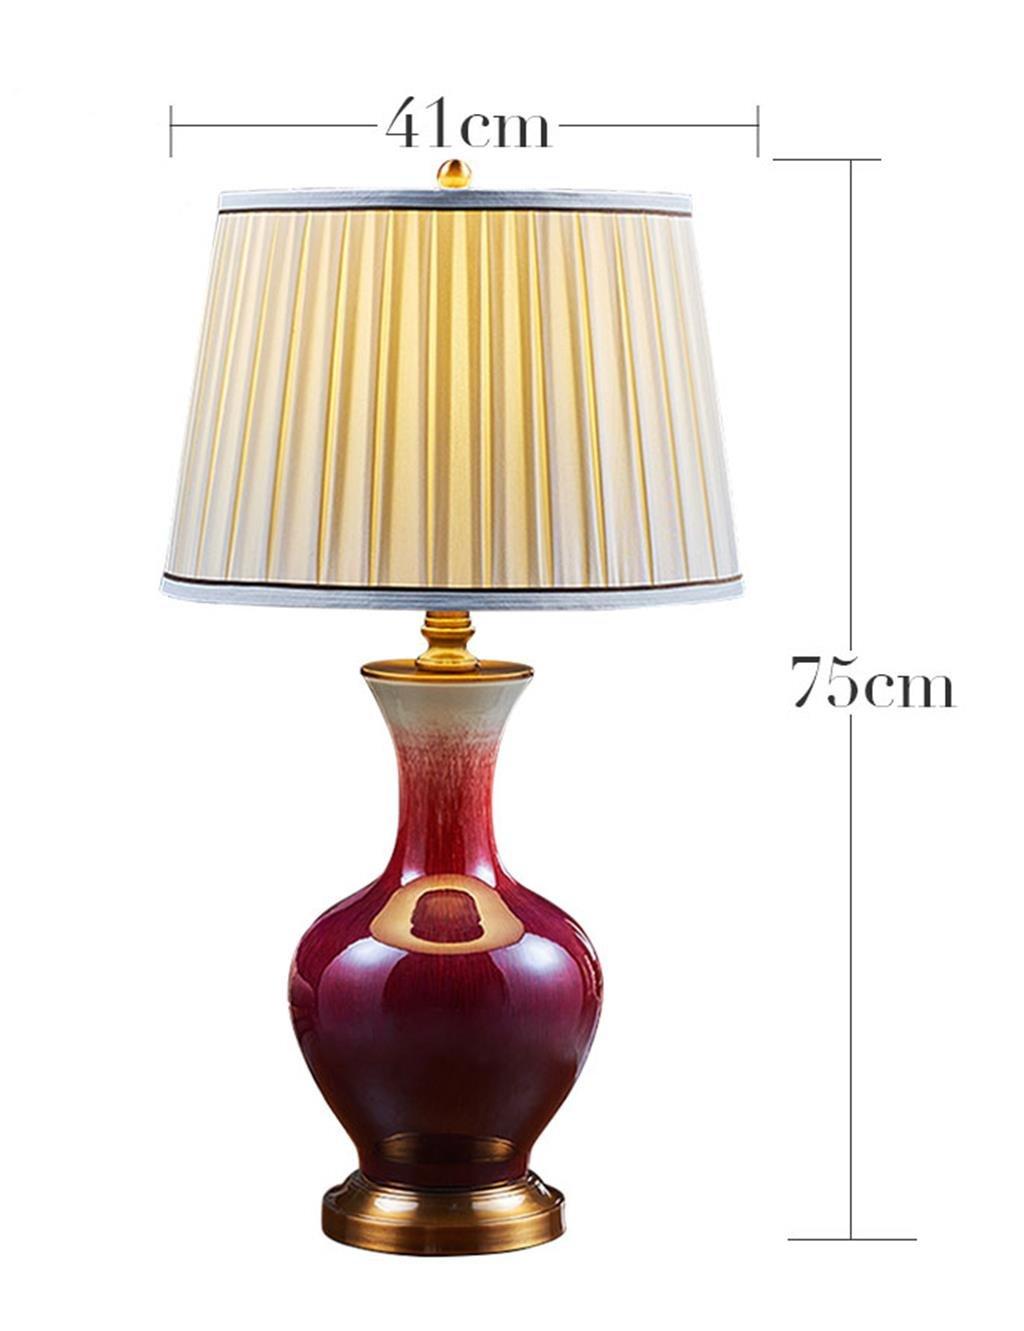 HYNH Chinesische Keramik Lampe Wohnzimmer Schlafzimmer Nachttischlampe im amerikanischen breit Kupfer Rote Lampe Jingdezhen Tischlampe Kinder Tischlampe